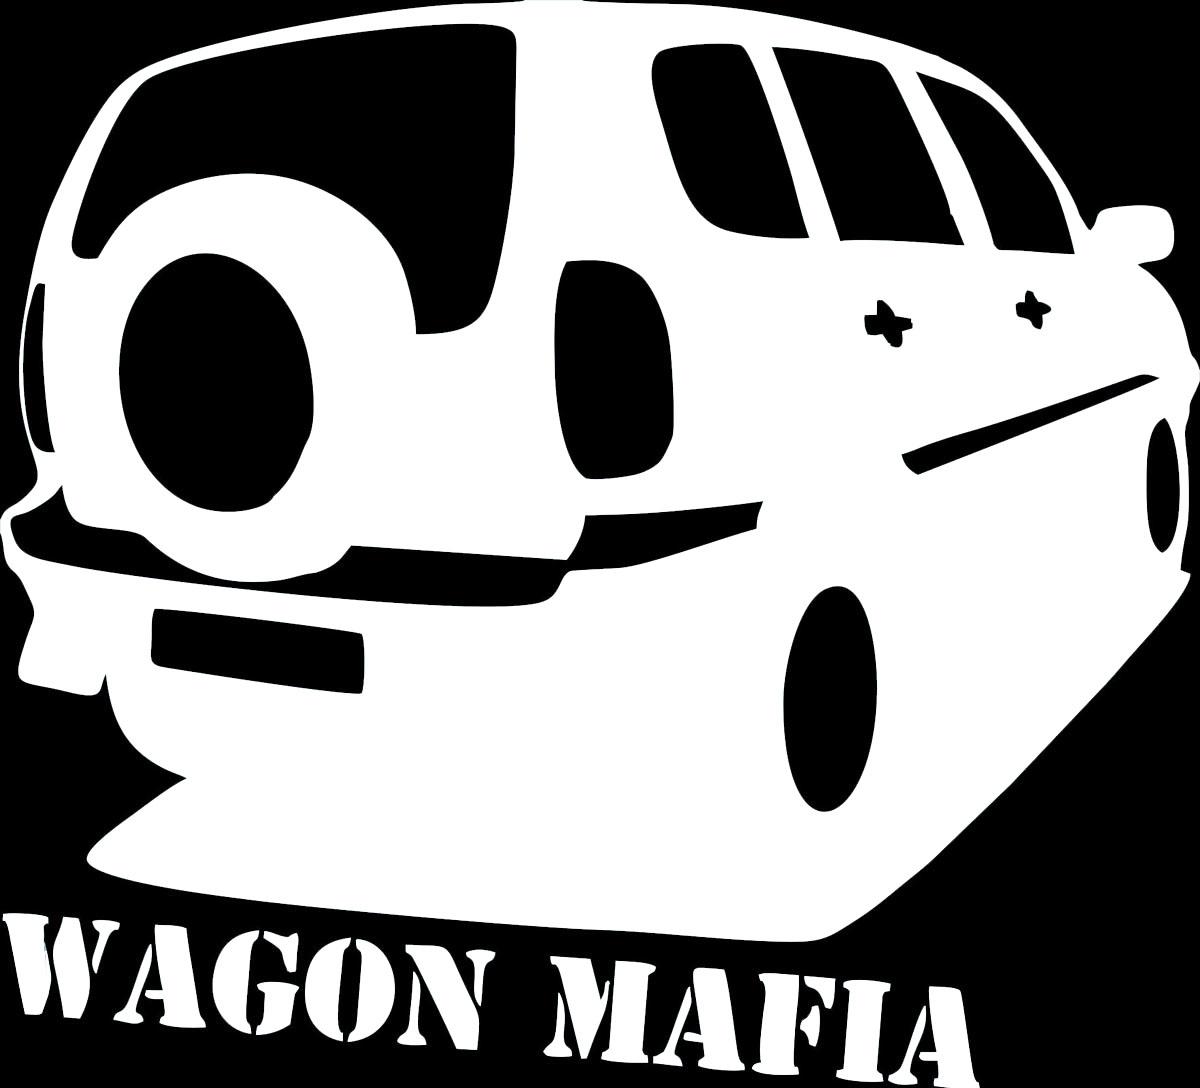 Наклейка автомобильная Оранжевый слоник Wagon Mafia 1, виниловая, цвет: белый1504400010WОригинальная наклейка Оранжевый слоник Wagon Mafia 1 изготовлена из высококачественной виниловой пленки, которая выполняет не только декоративную функцию, но и защищает кузов автомобиля от небольших механических повреждений, либо скрывает уже существующие. Виниловые наклейки на автомобиль - это не только красиво, но еще и быстро! Всего за несколько минут вы можете полностью преобразить свой автомобиль, сделать его ярким, необычным, особенным и неповторимым!